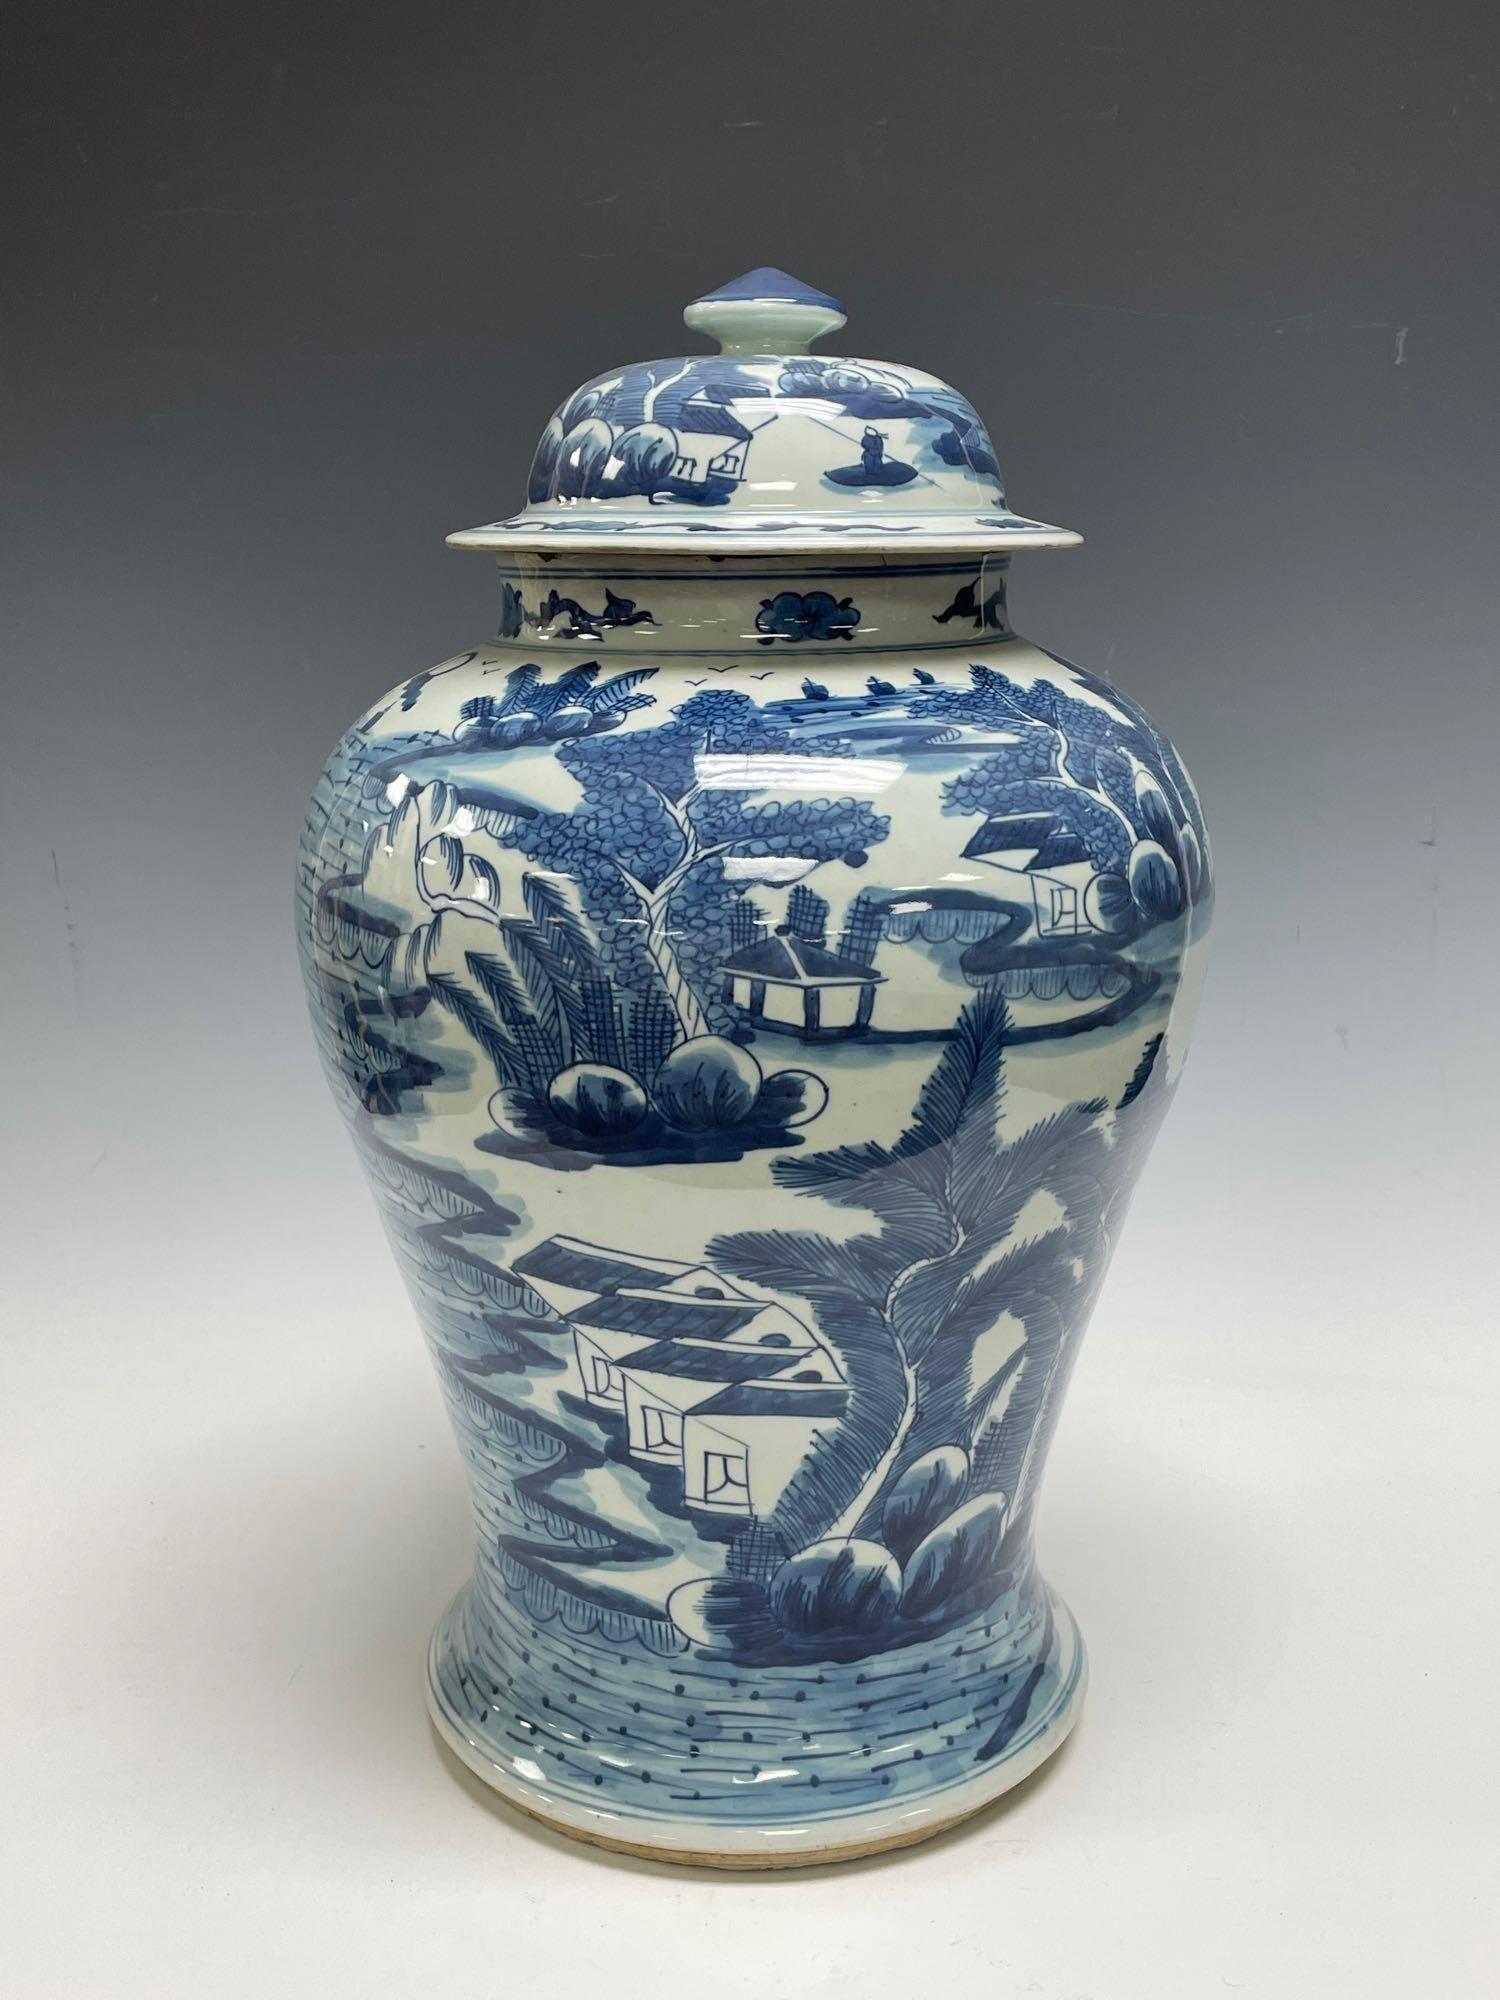 RARE Chinese Blue & White Porcelain Lidded Ginger